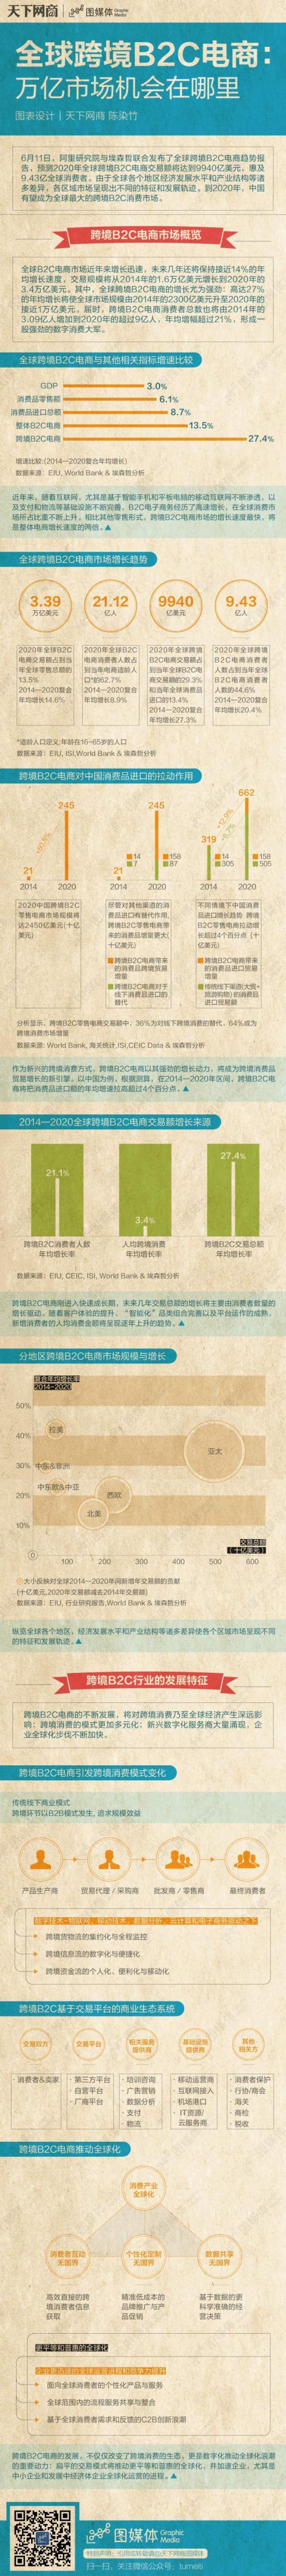 全球跨境电商势头凶猛,下个主角或是中国 - 第1张  | vicken电商运营